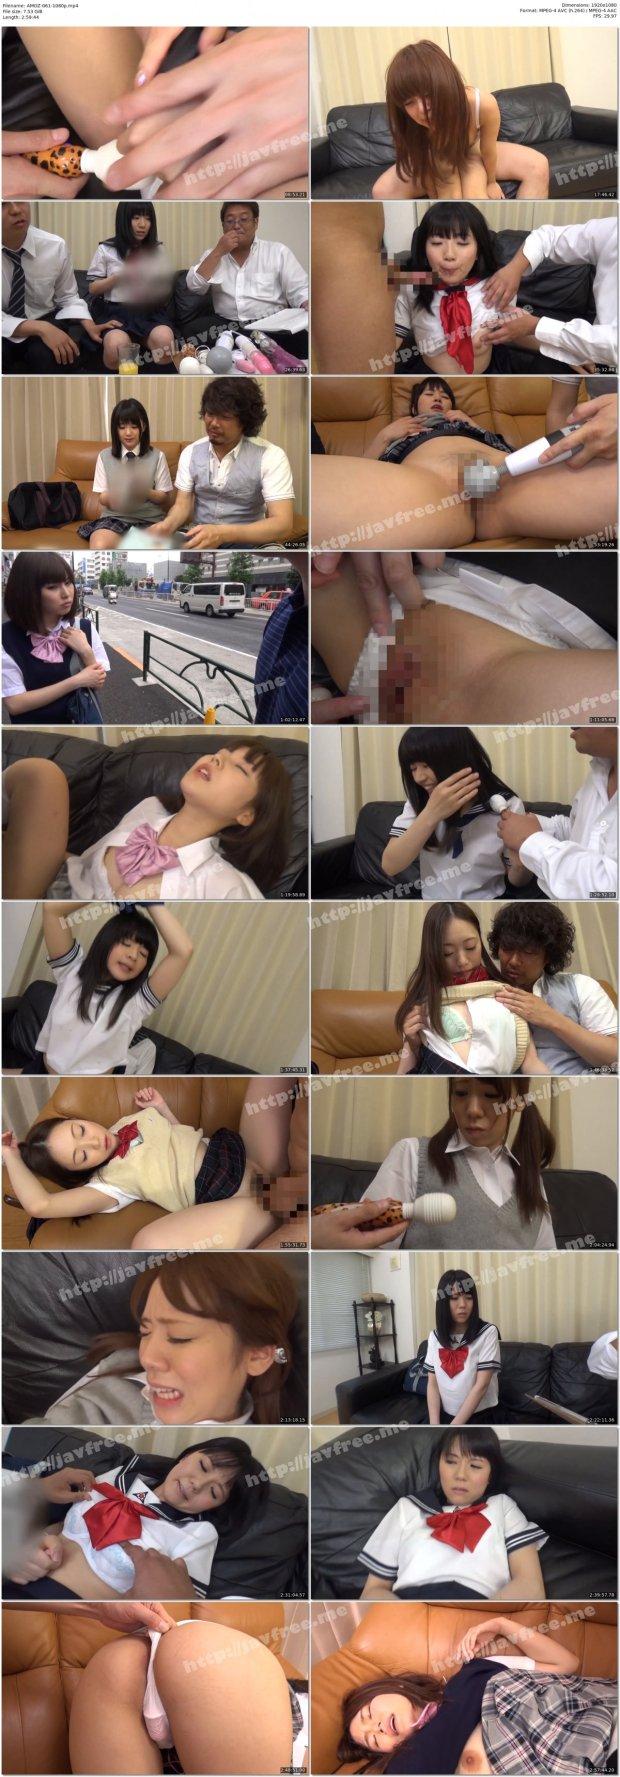 [HD][AMOZ-061] 「そんなところイジっちゃだめぇ~!!」ママにも内緒の敏感オマメが媚薬でびっちょり われめから溢れる蜜でずっぽり9人の乙女に生挿入!